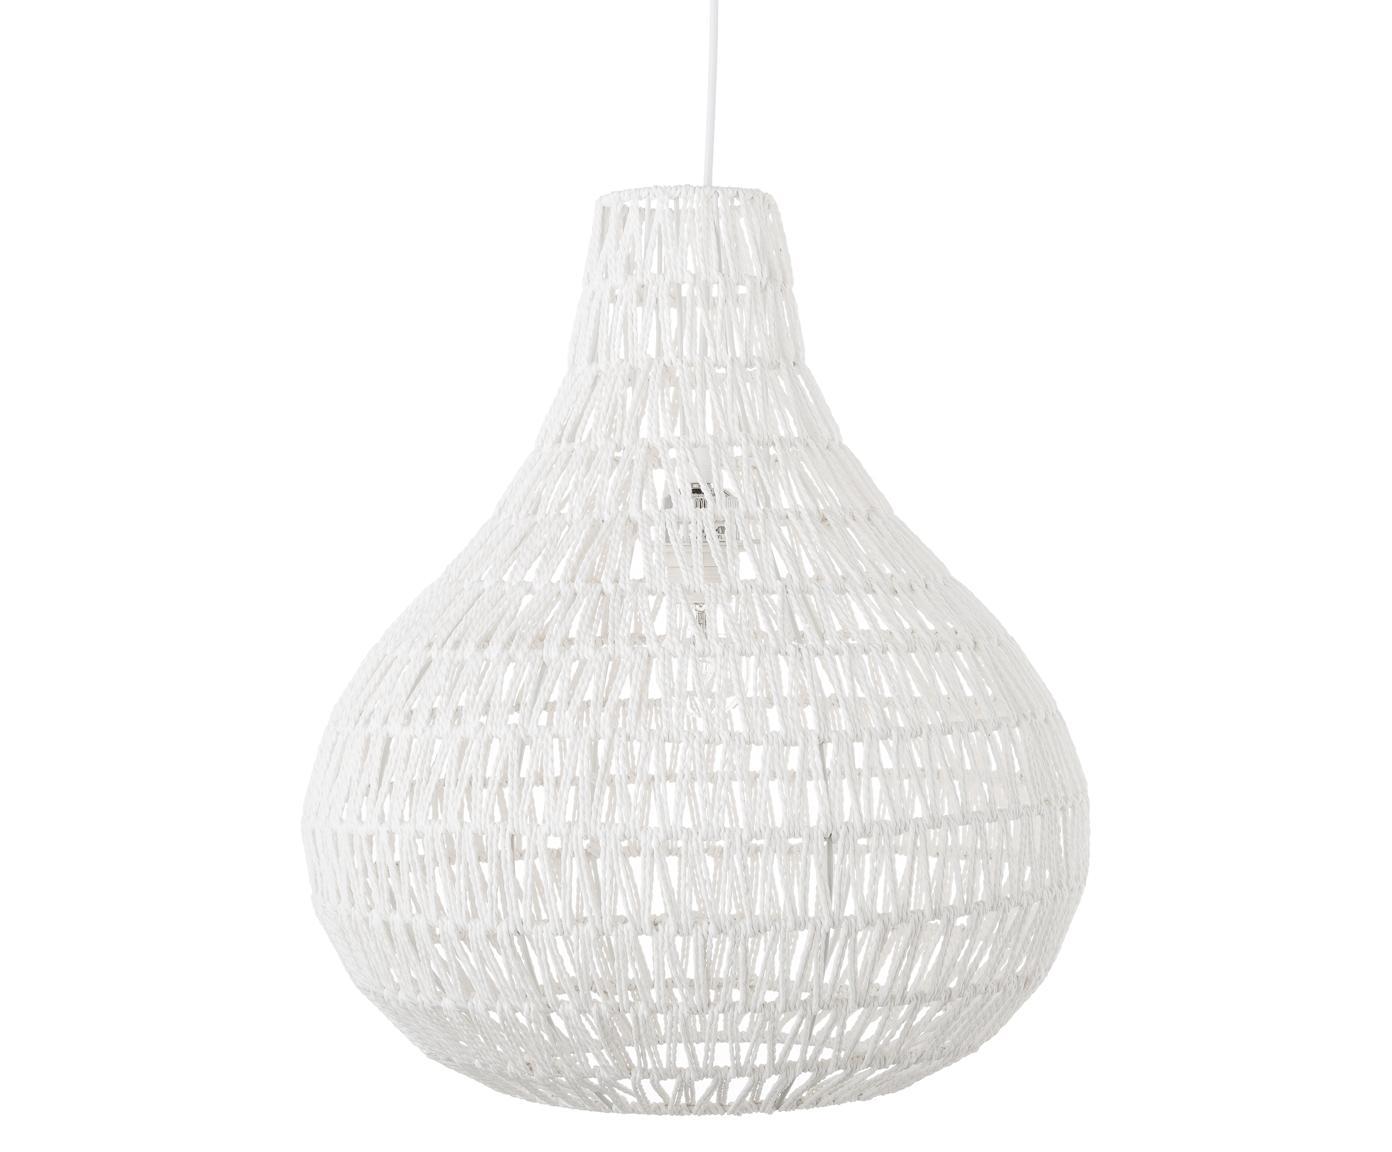 Hanglamp Cable van stof, Textiel, metaal, Wit, Ø 45 x H 51 cm